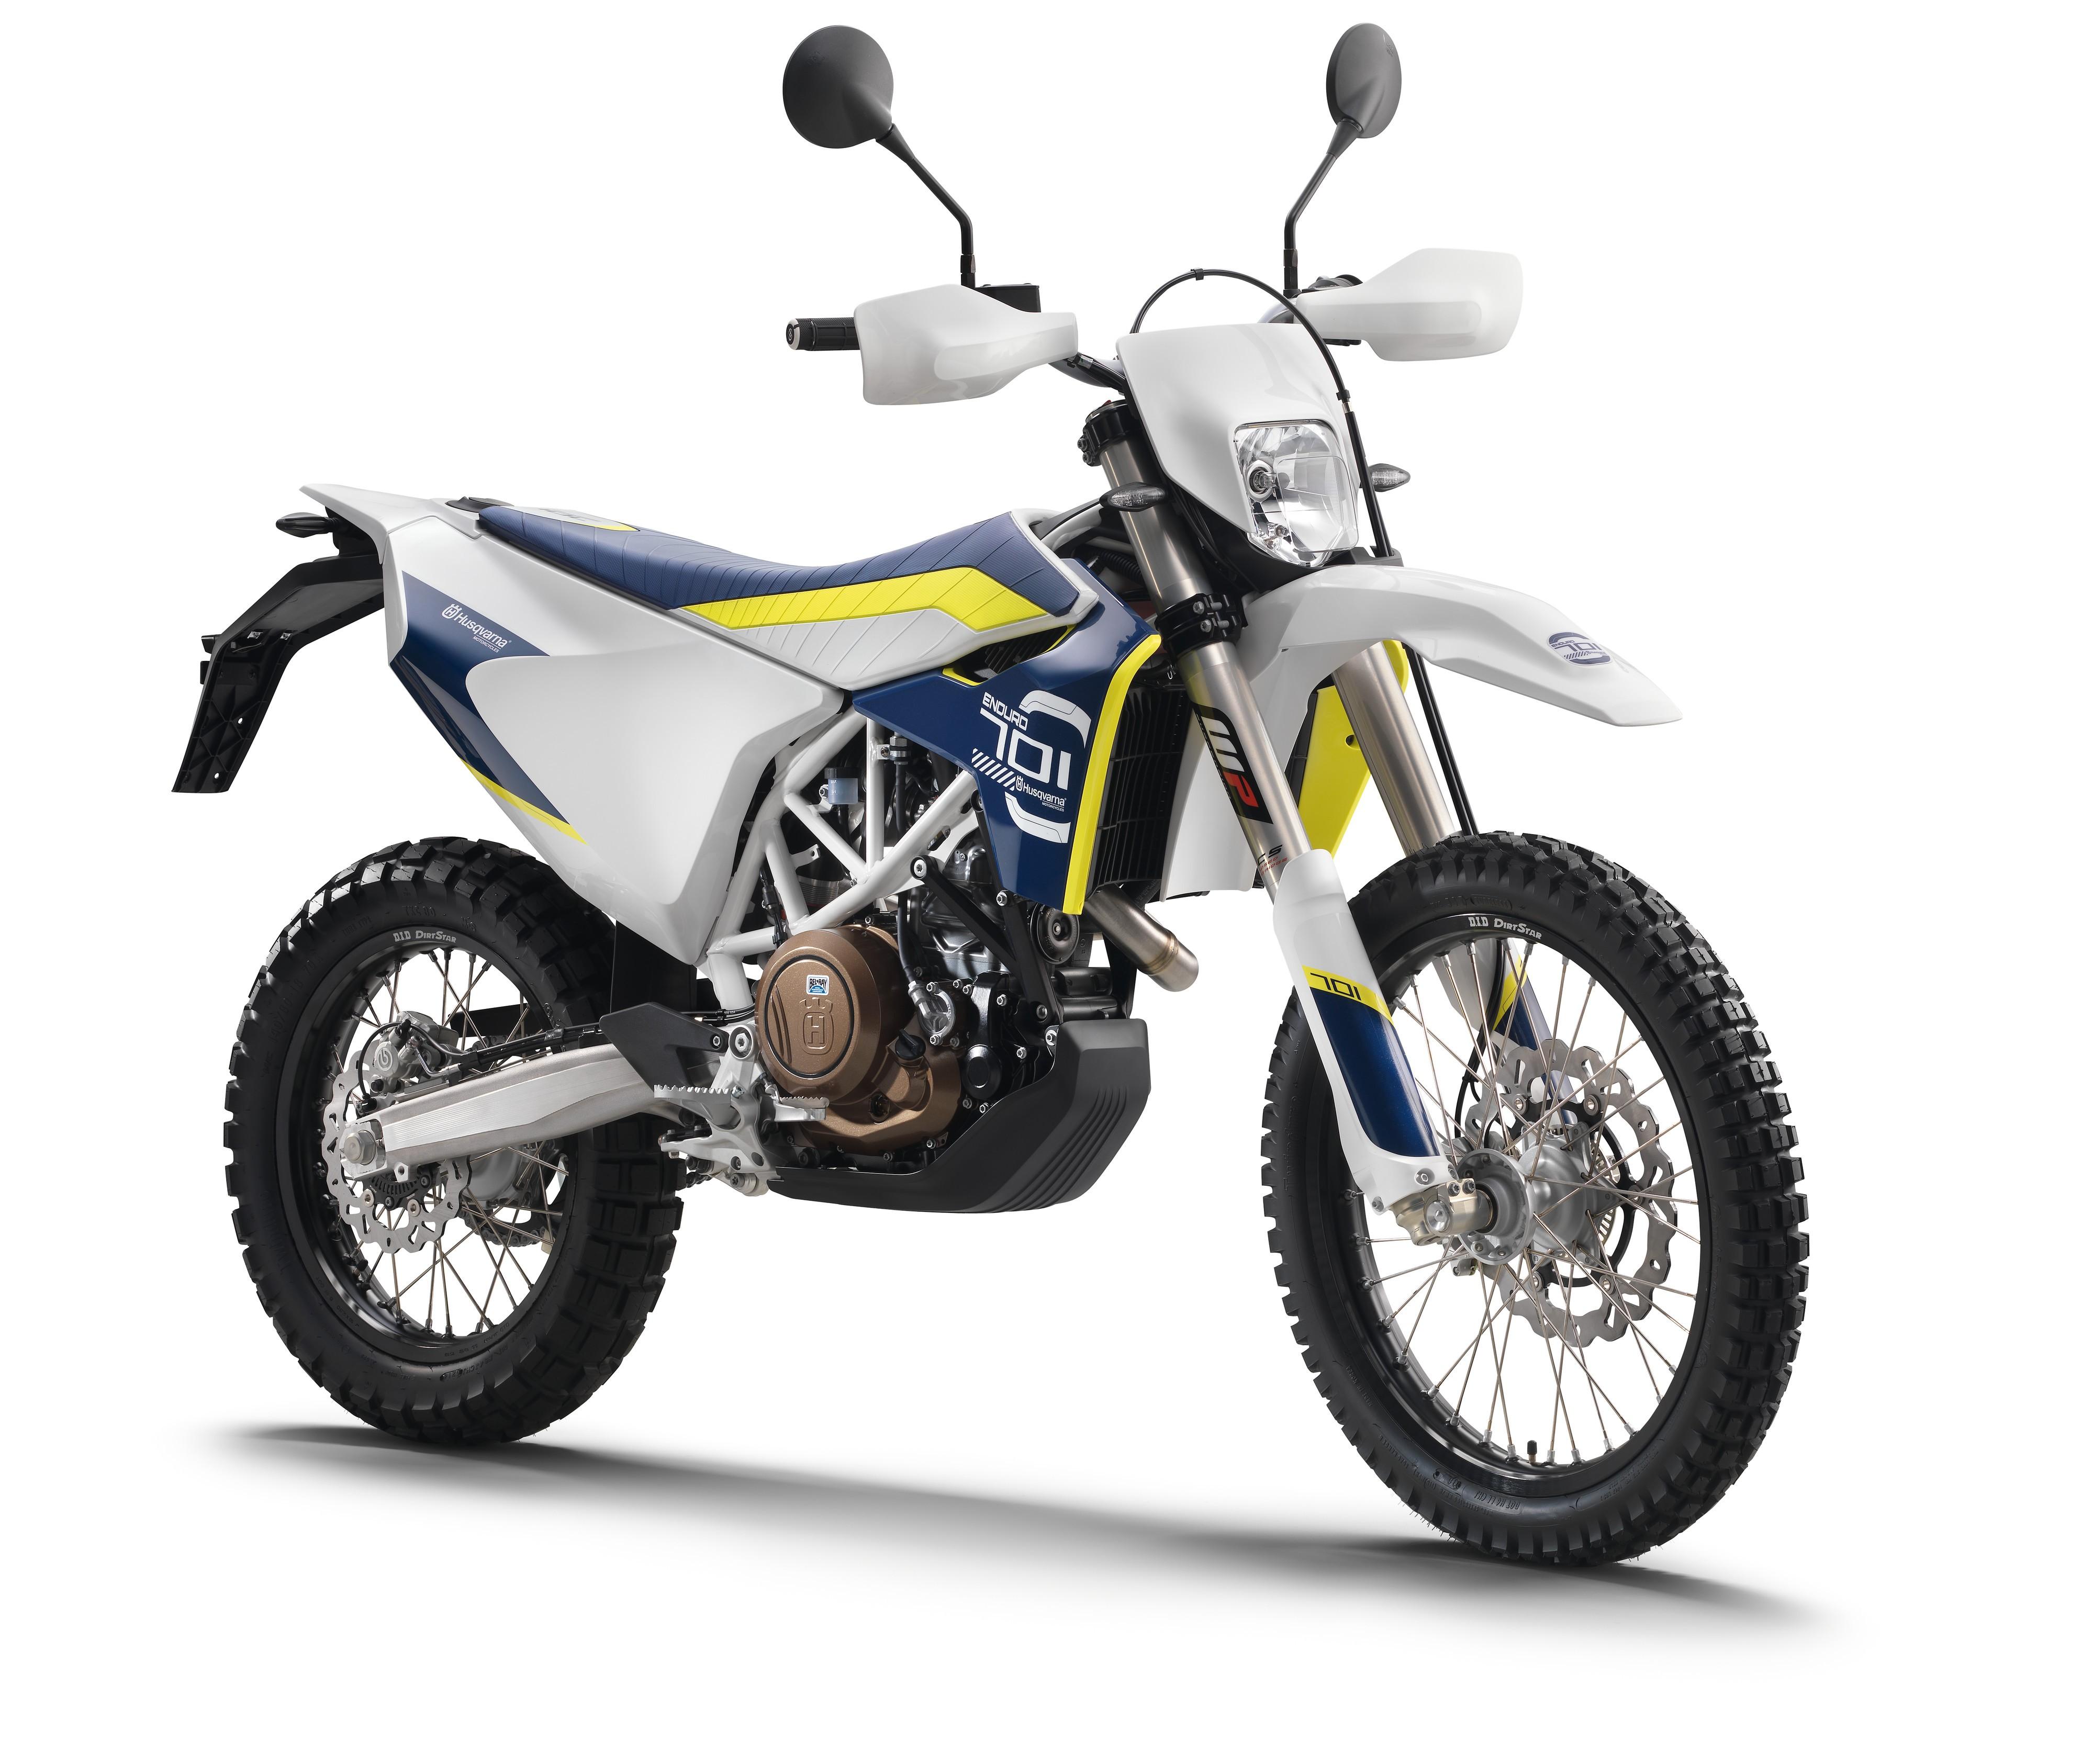 ktm 500xcw, ktm690 enduro, or husky701 enduro? - moto-related